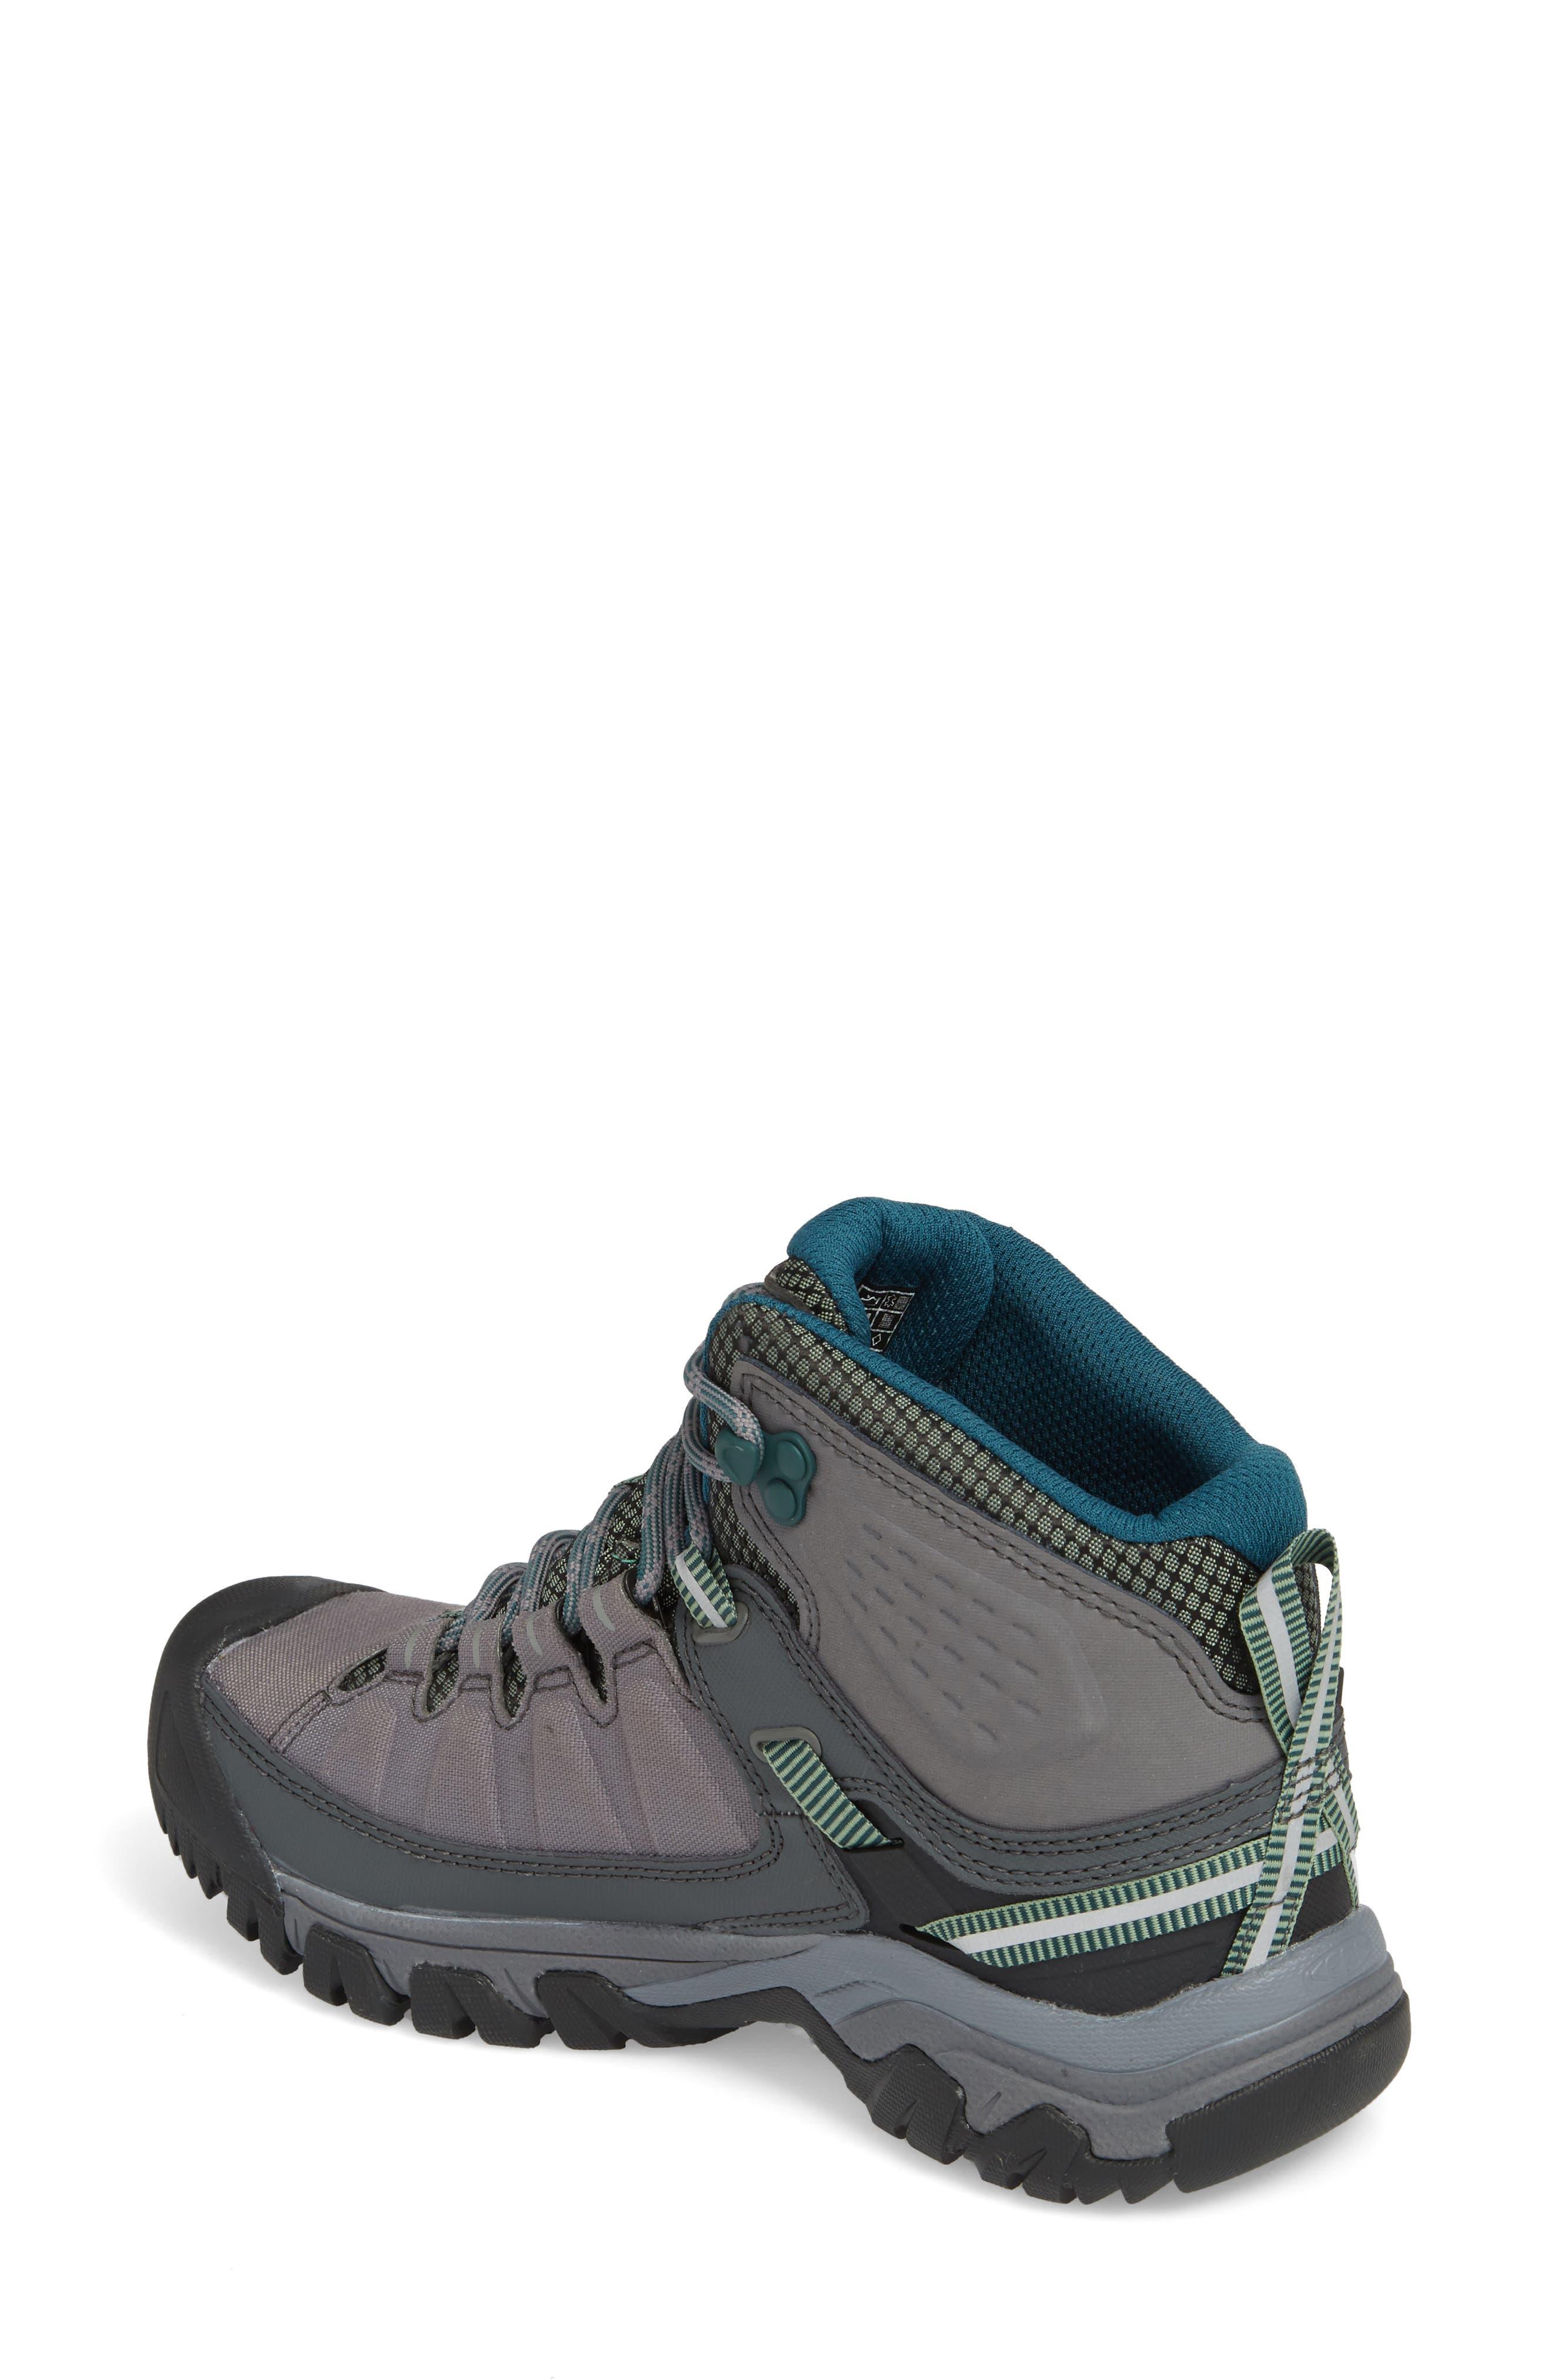 Targhee EXP Mid Waterproof Hiking Shoe,                             Alternate thumbnail 2, color,                             STEEL GREY/ BASIL